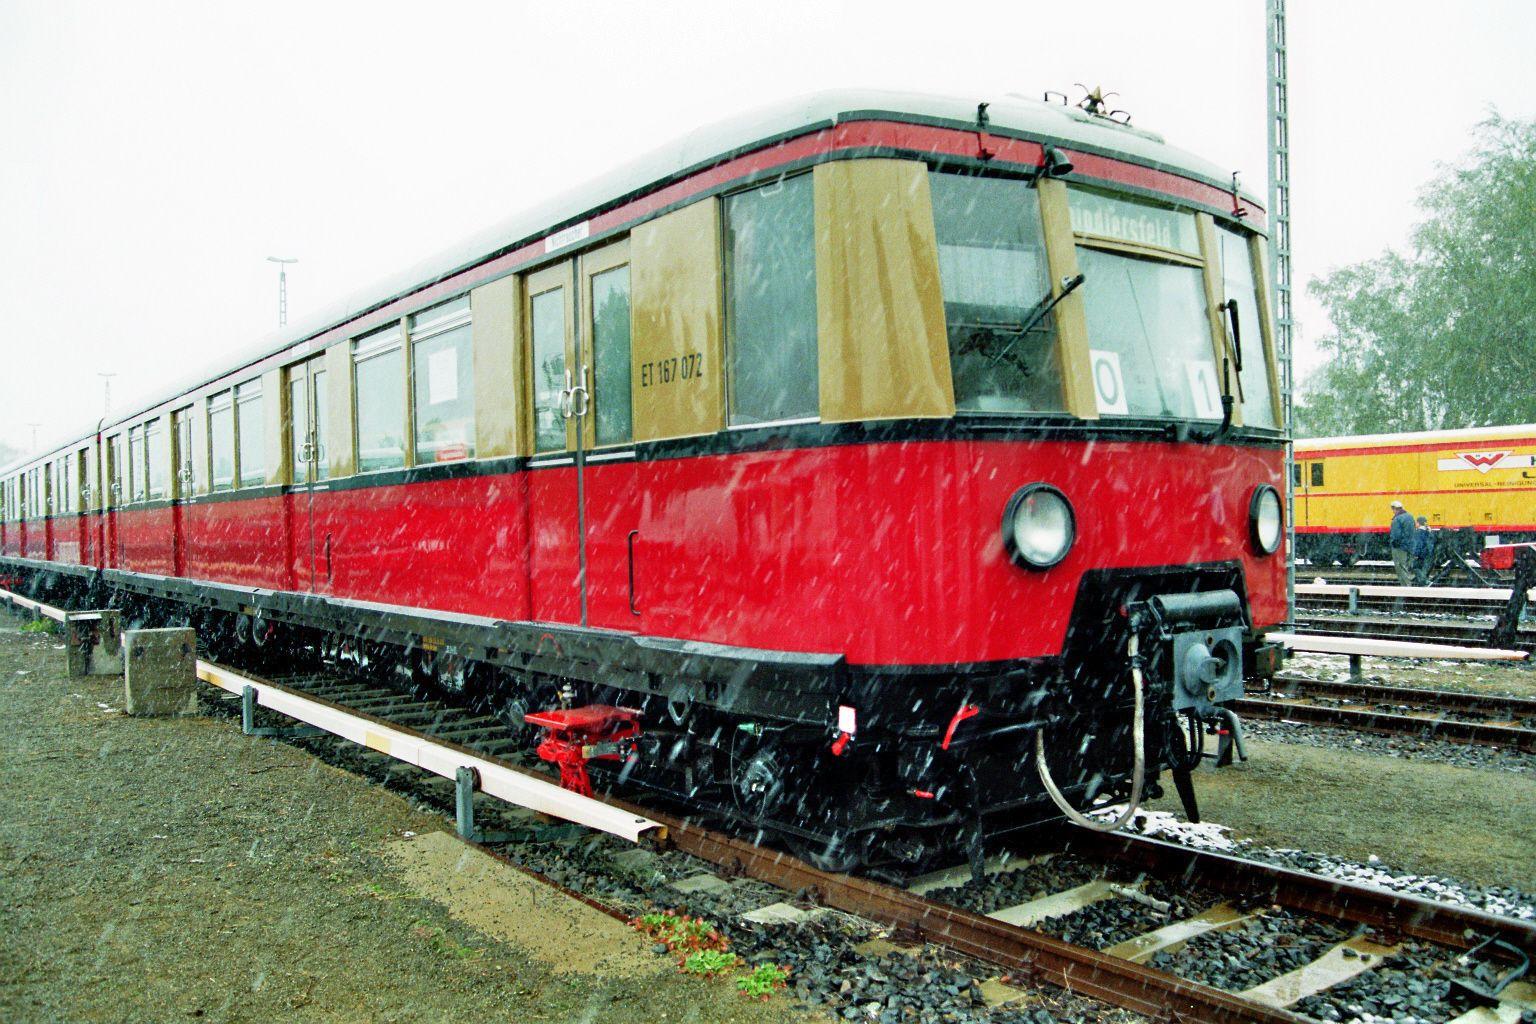 S-Bahn 167 072, Bauart 1938/1941, ex 277 087, Baureihe 167, im Schnee, Schöneweide, 2002